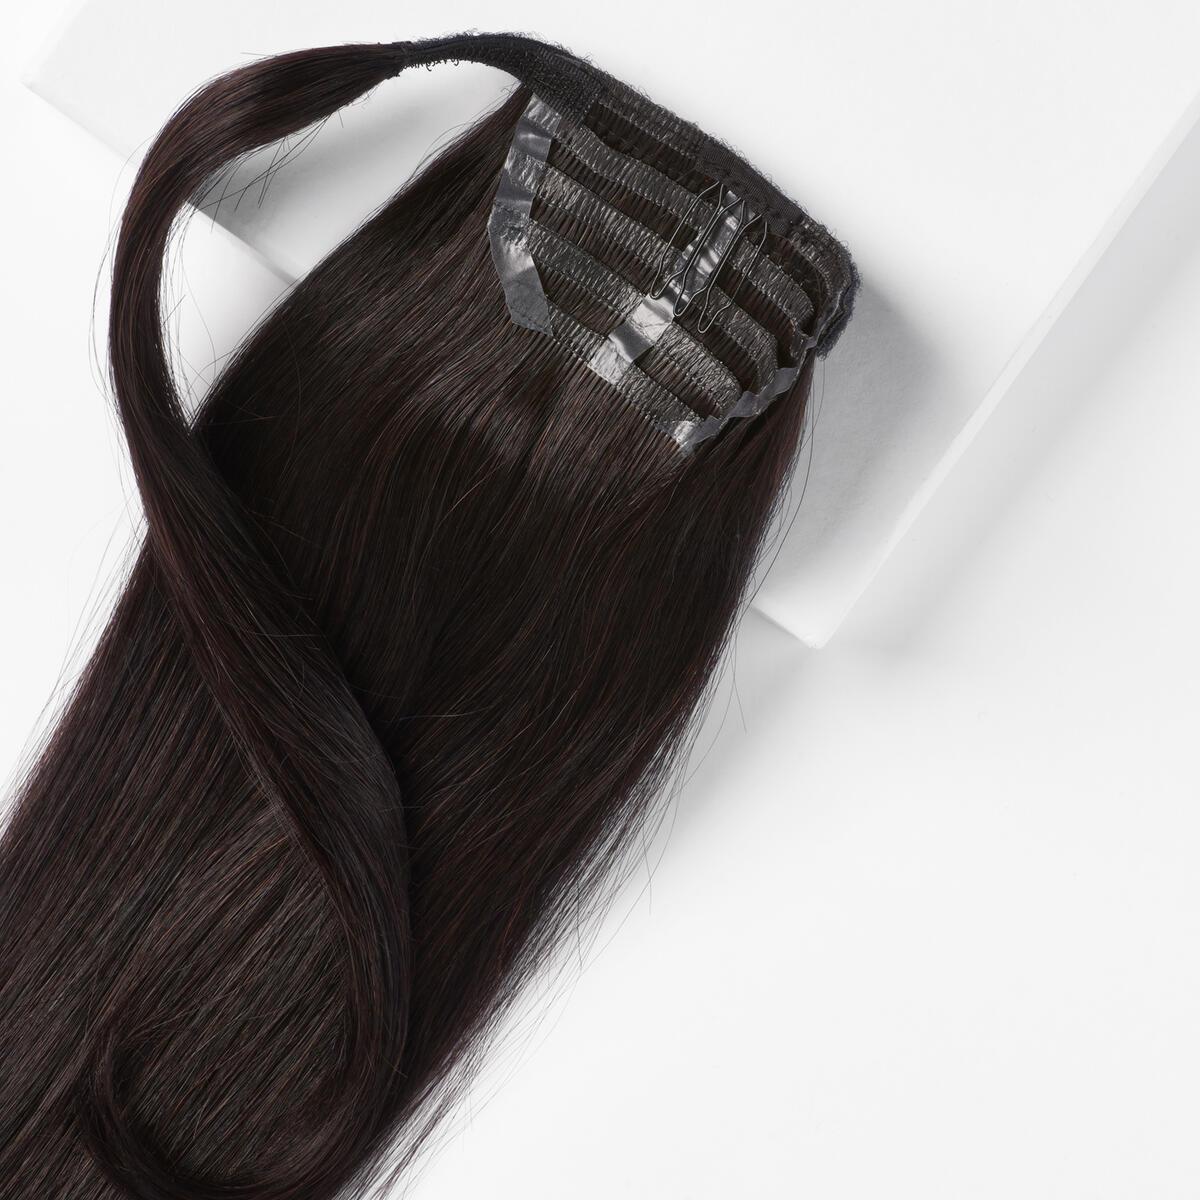 Sleek Clip-in Ponytail 1.2 Black Brown 40 cm